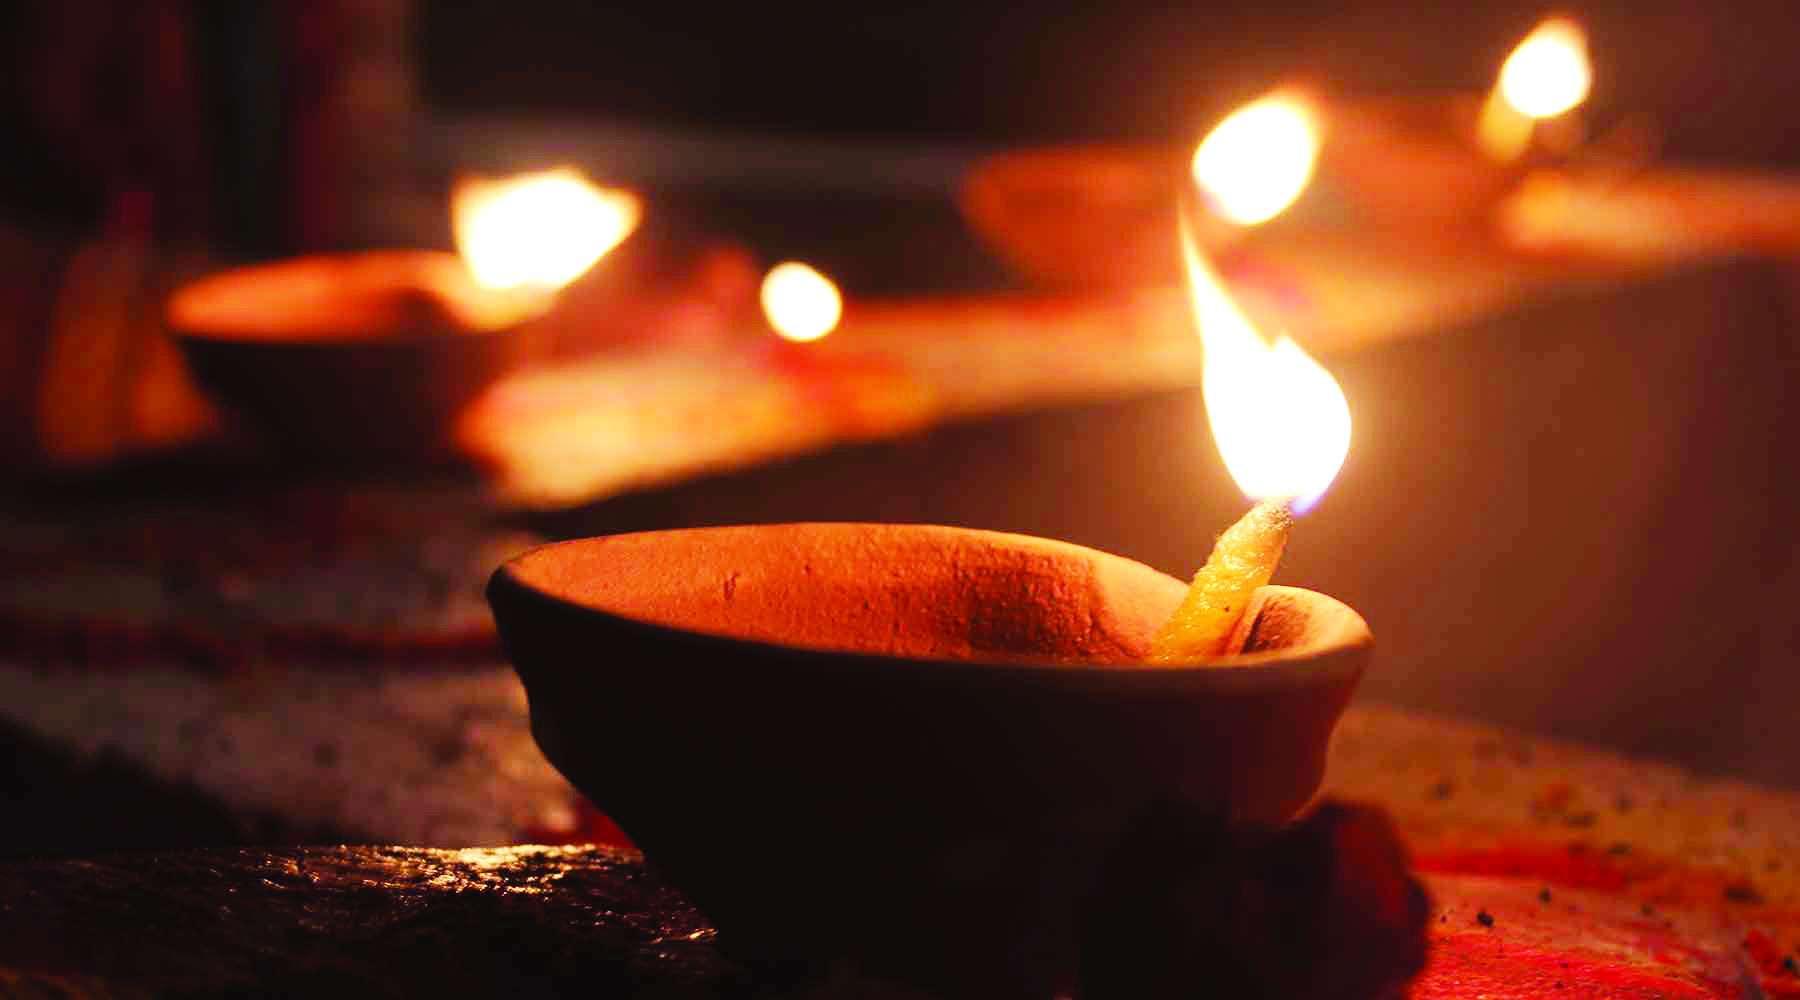 diwali-calls-for-change-of-mindset-2018-11-04.jpg